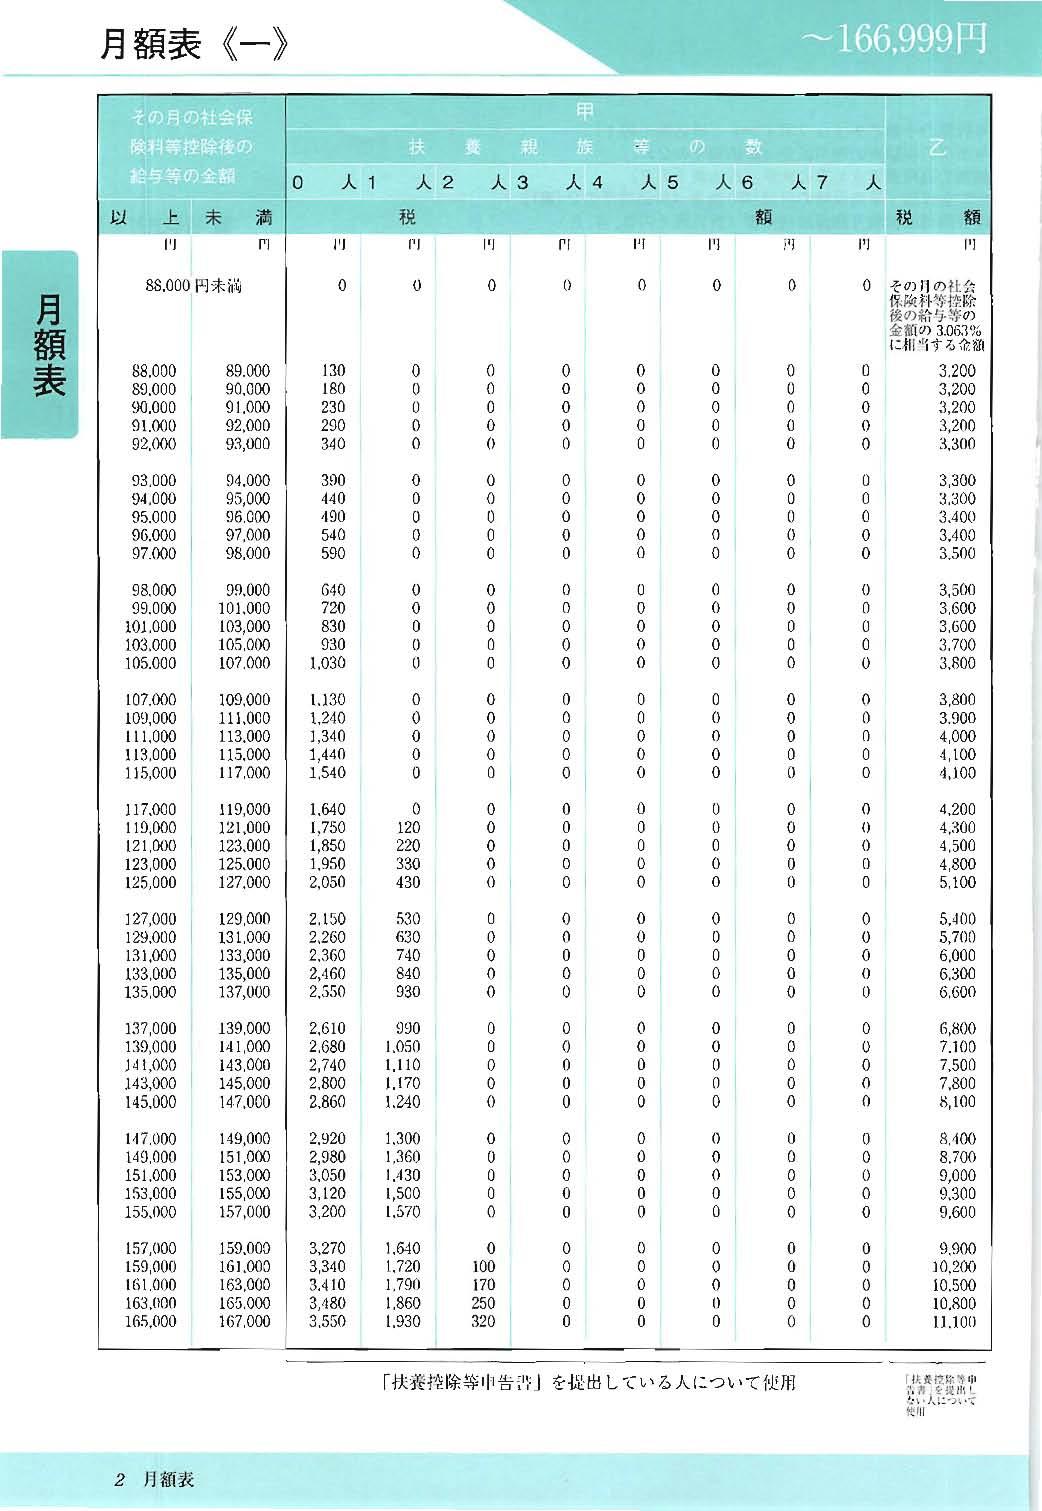 表 月額 源泉 所得税